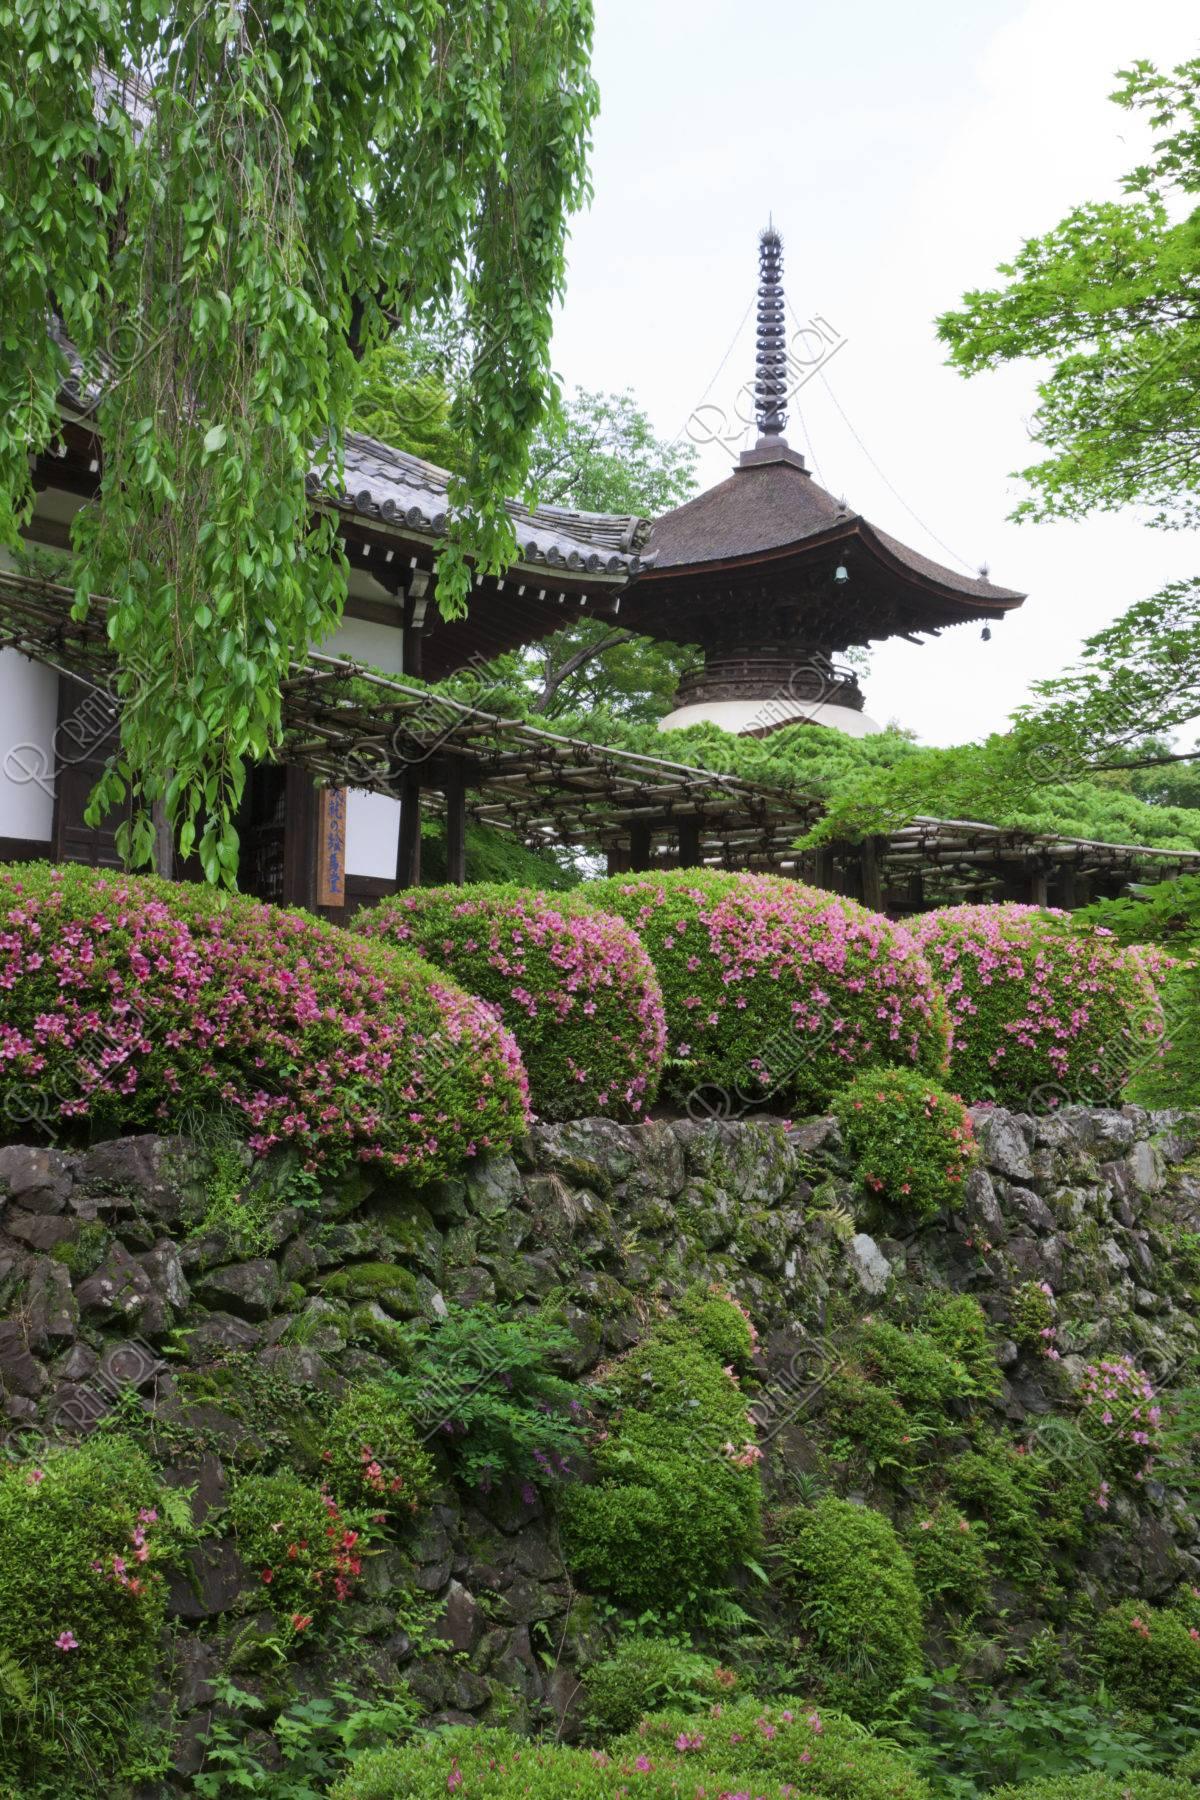 サツキ咲く善峰寺